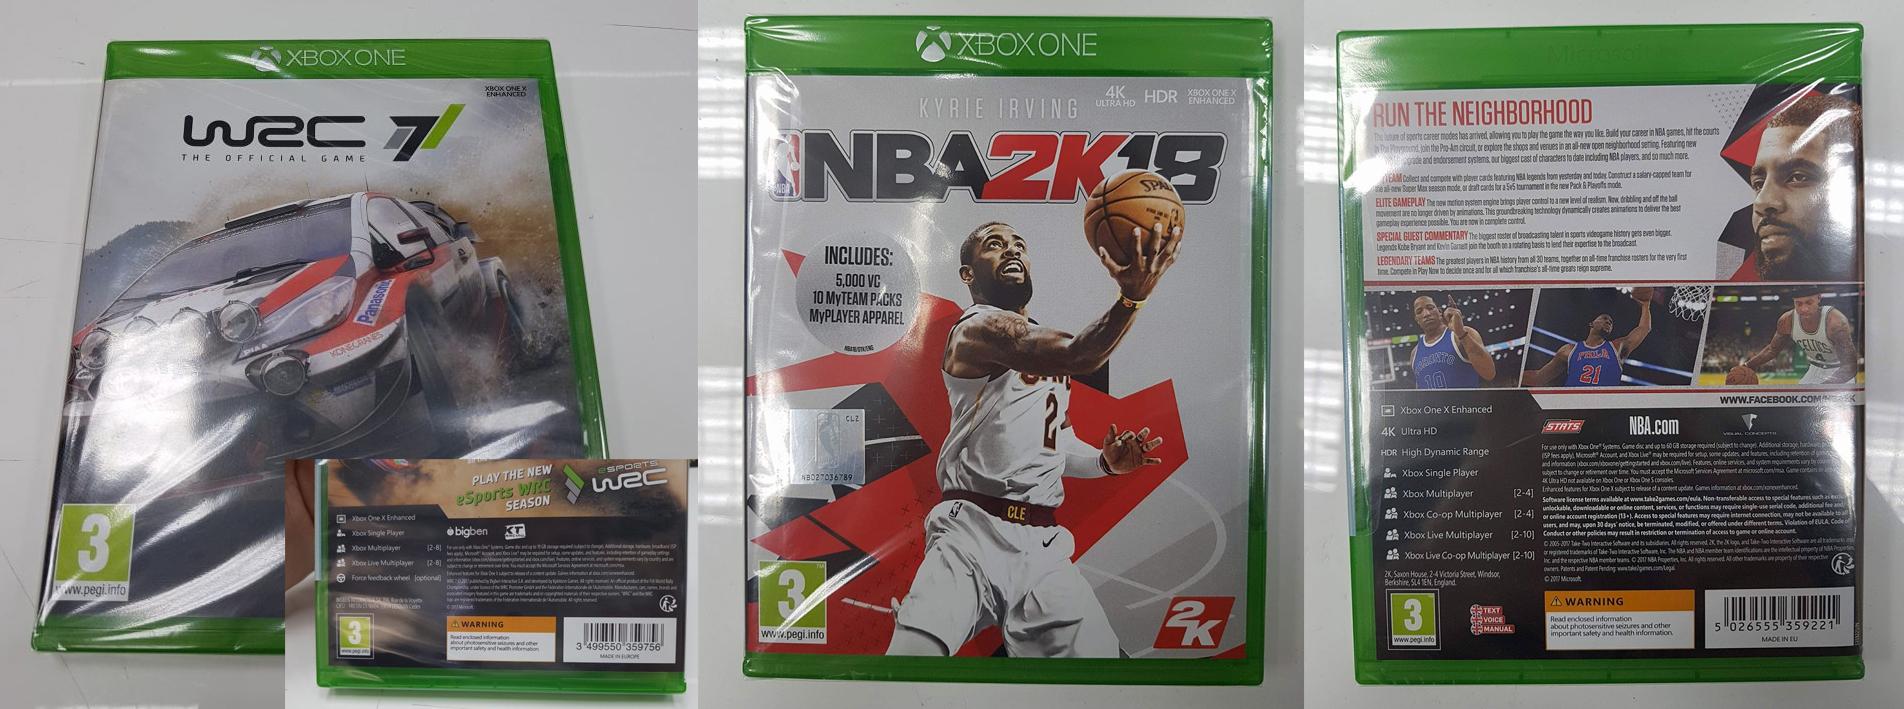 Asi Seran Las Cajas De Juegos De Xbox One Mejorados En Xbox One X